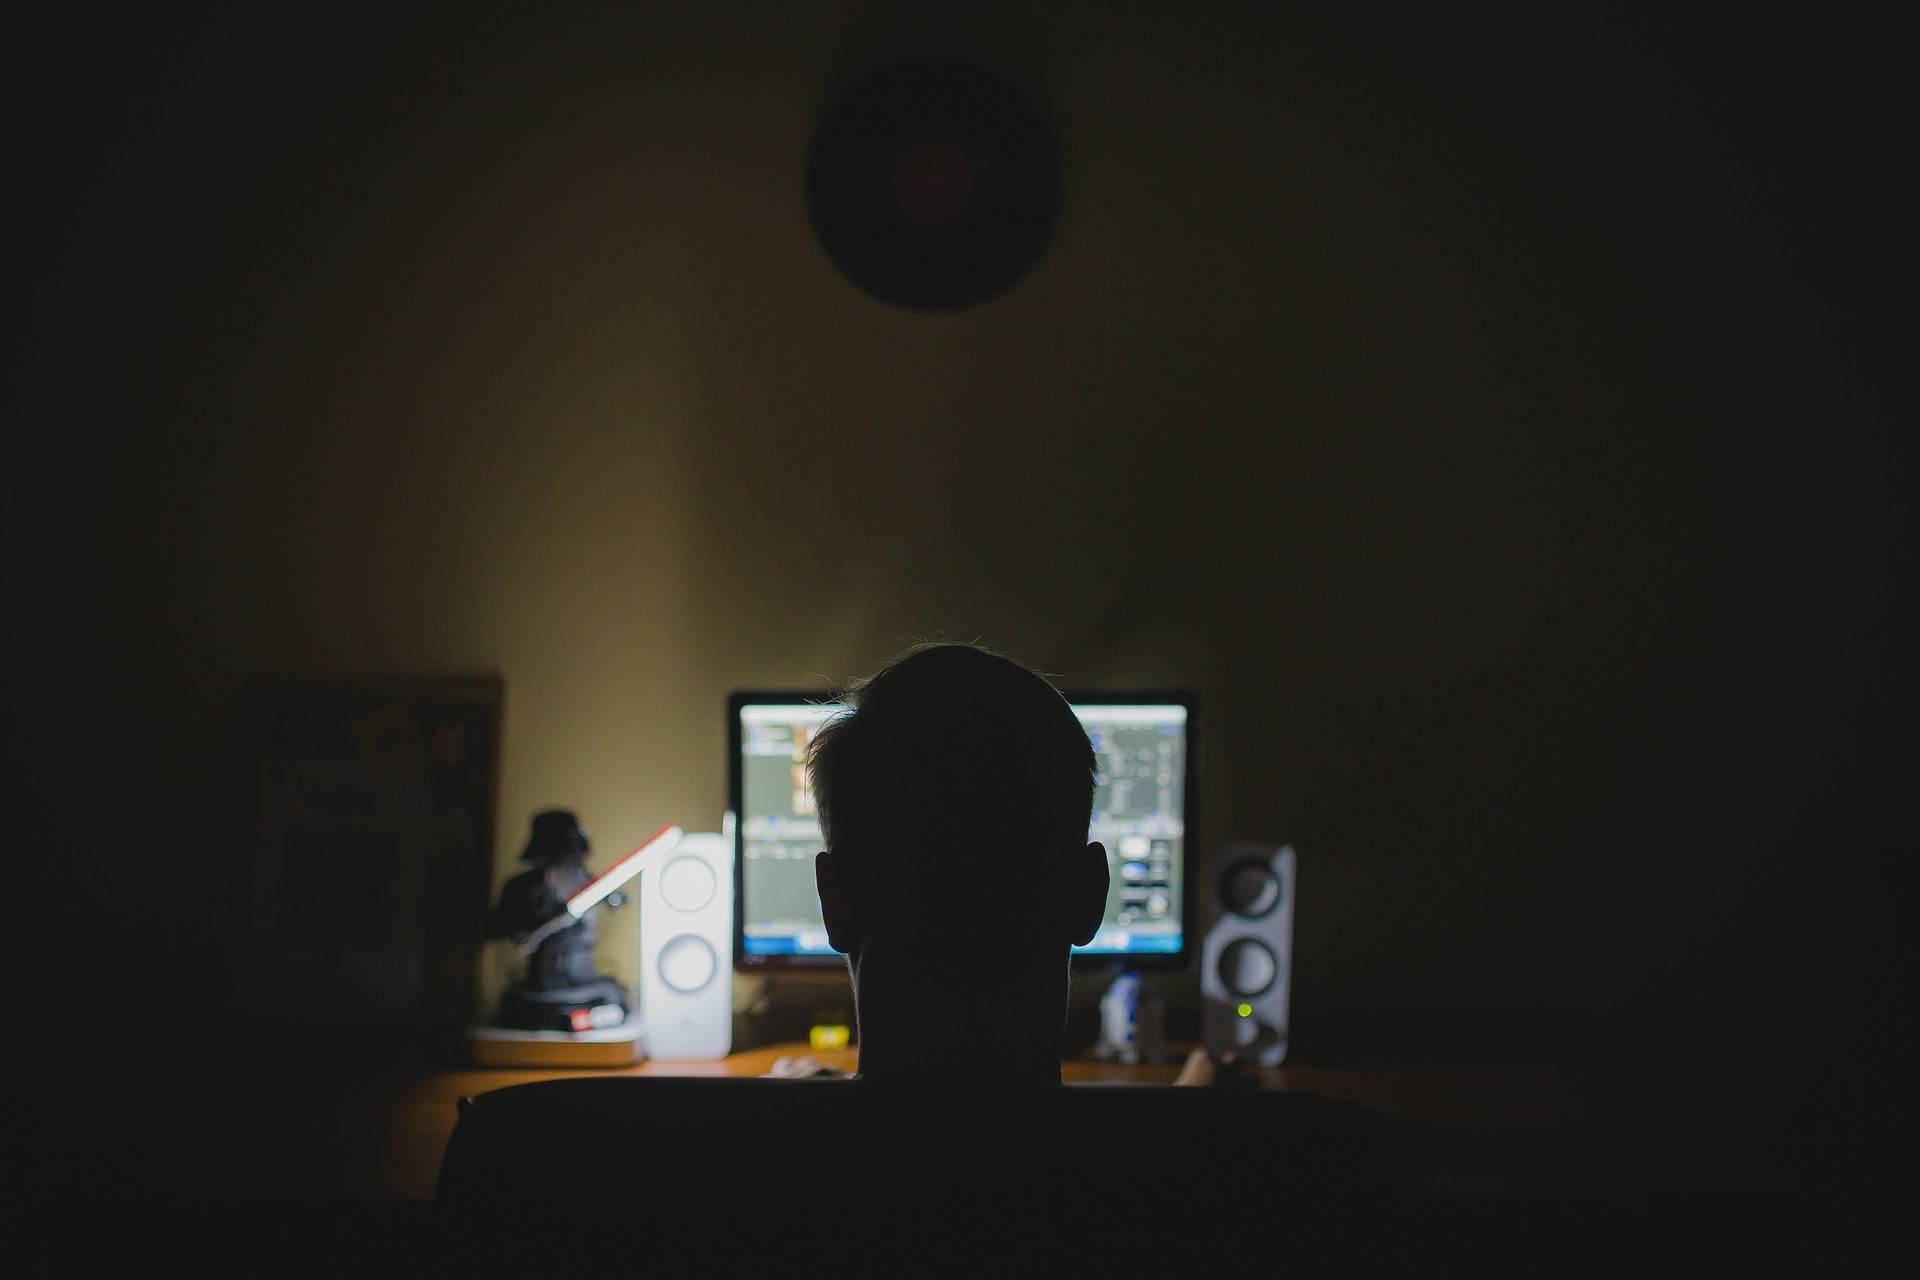 Firefox es el navegador más seguro según la agencia alemana de ciberseguridad